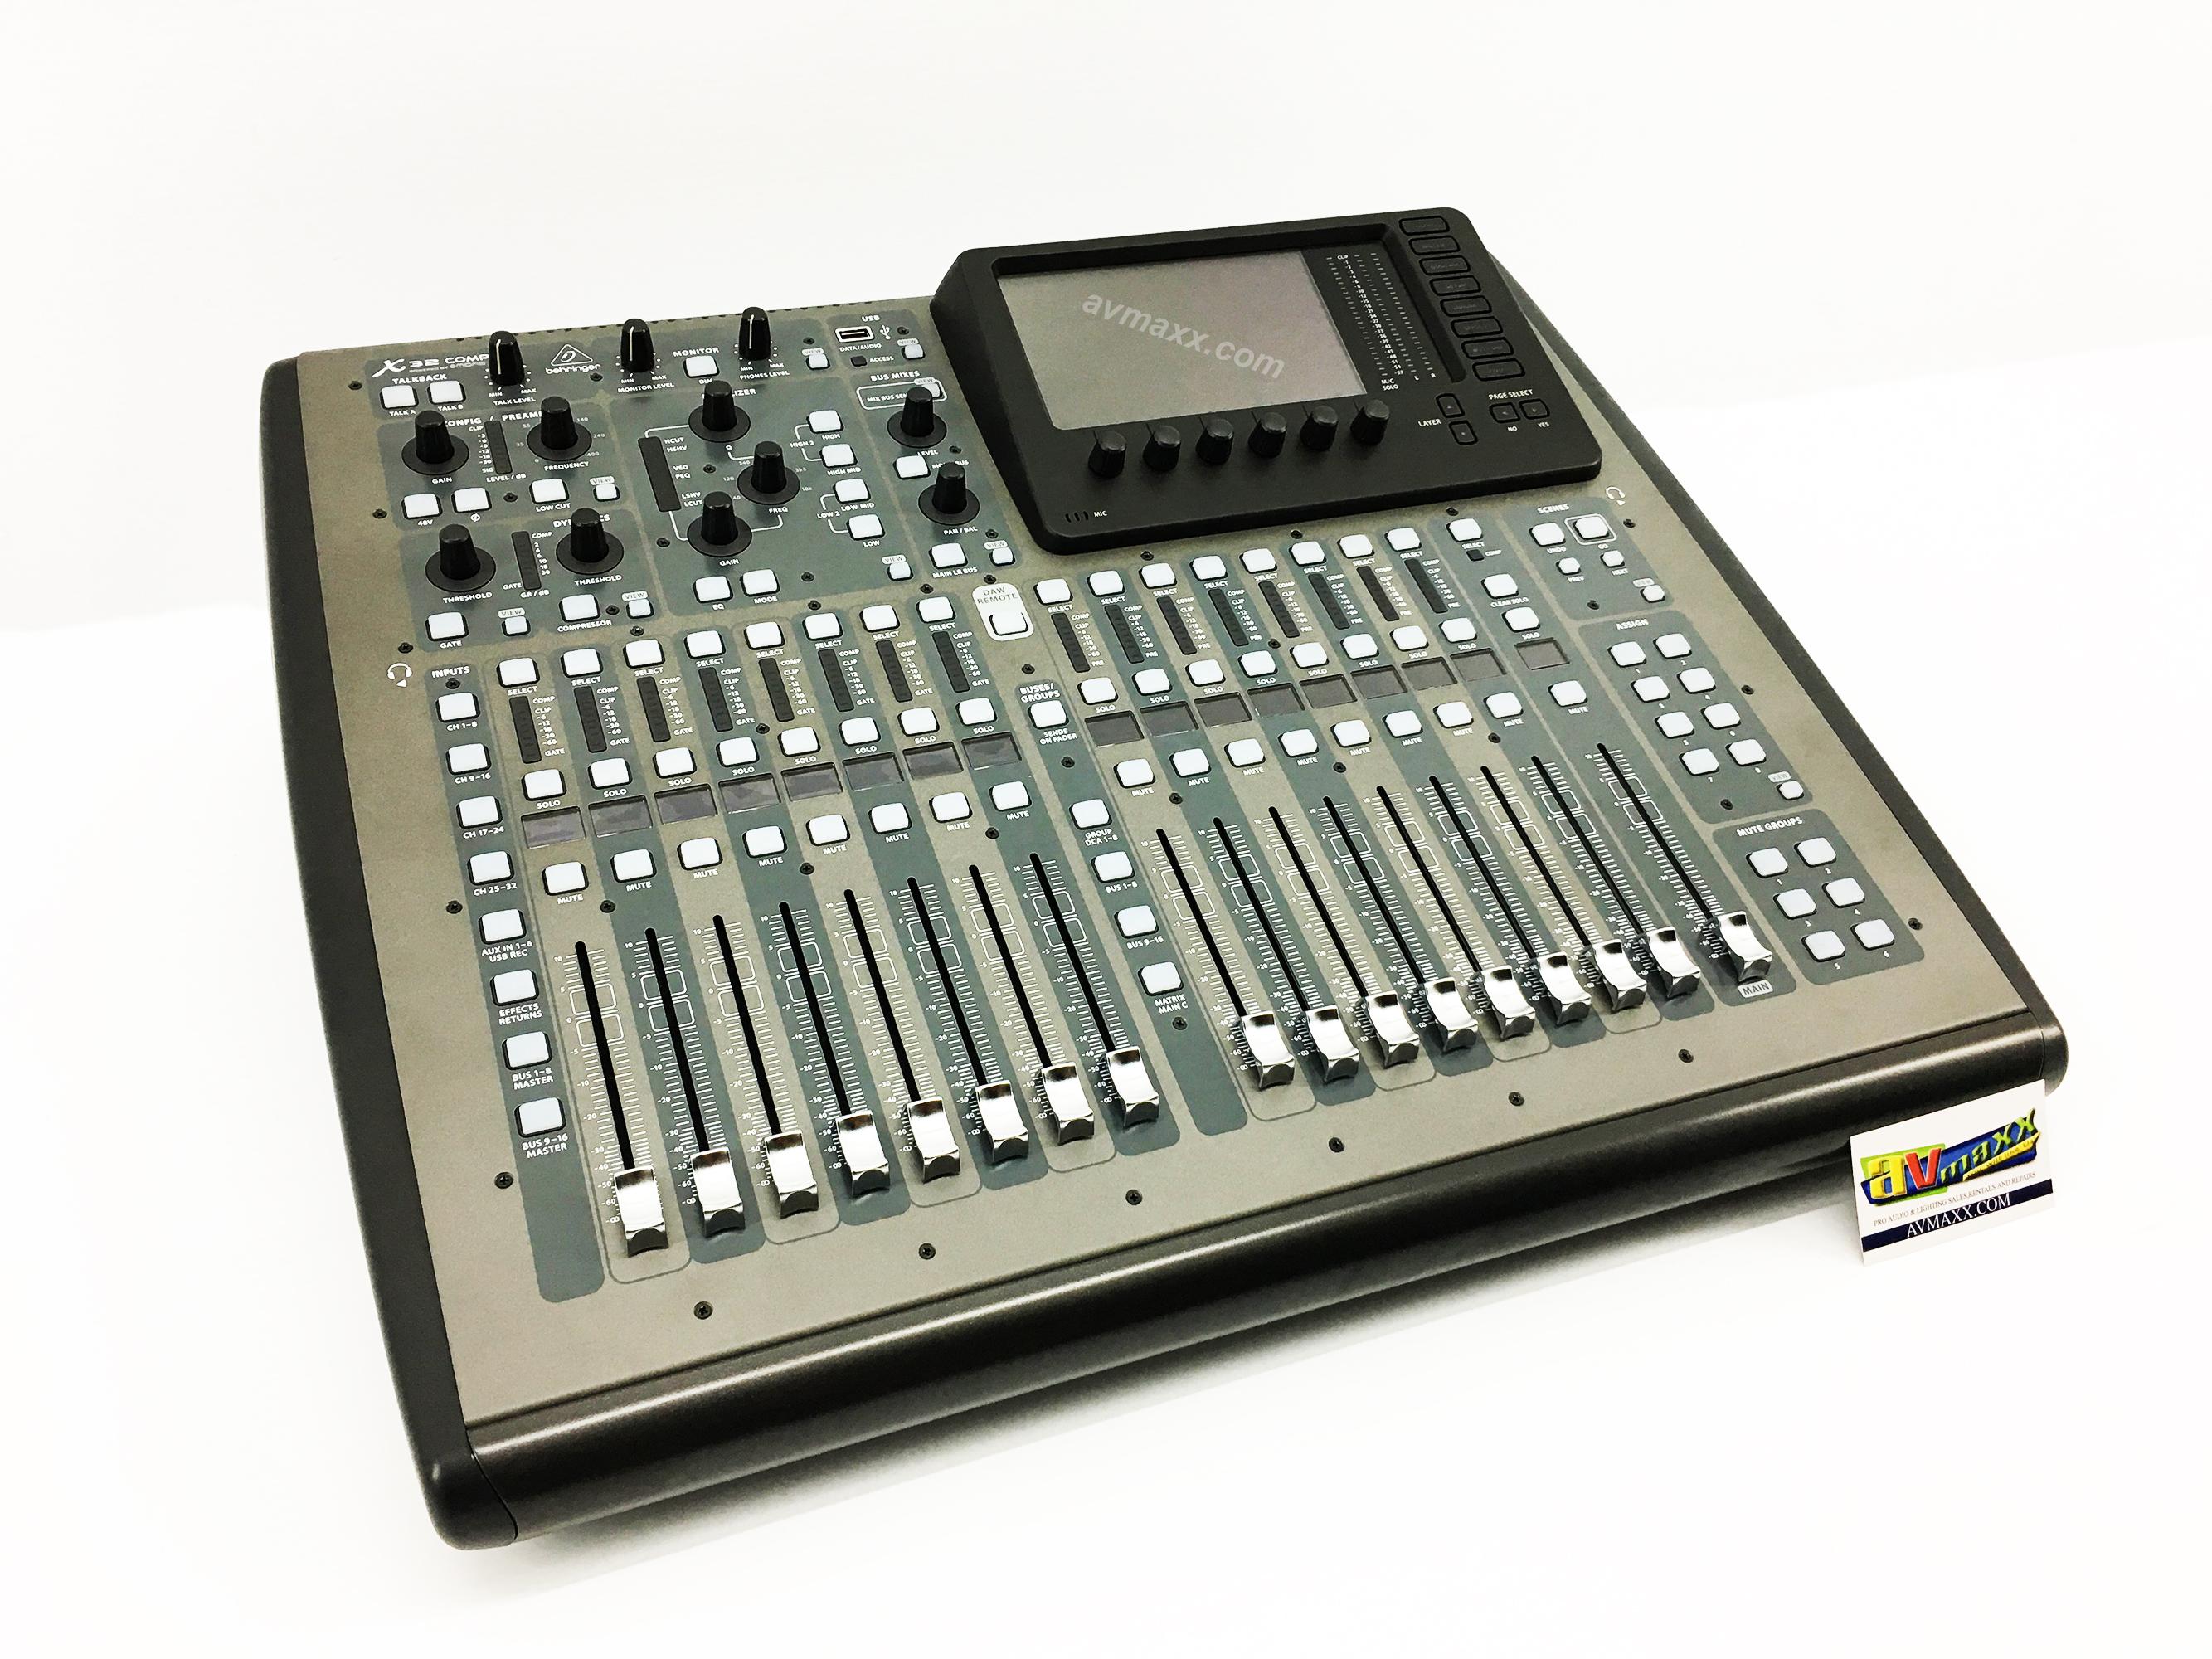 behringer x32 compact digital mixer used model. Black Bedroom Furniture Sets. Home Design Ideas